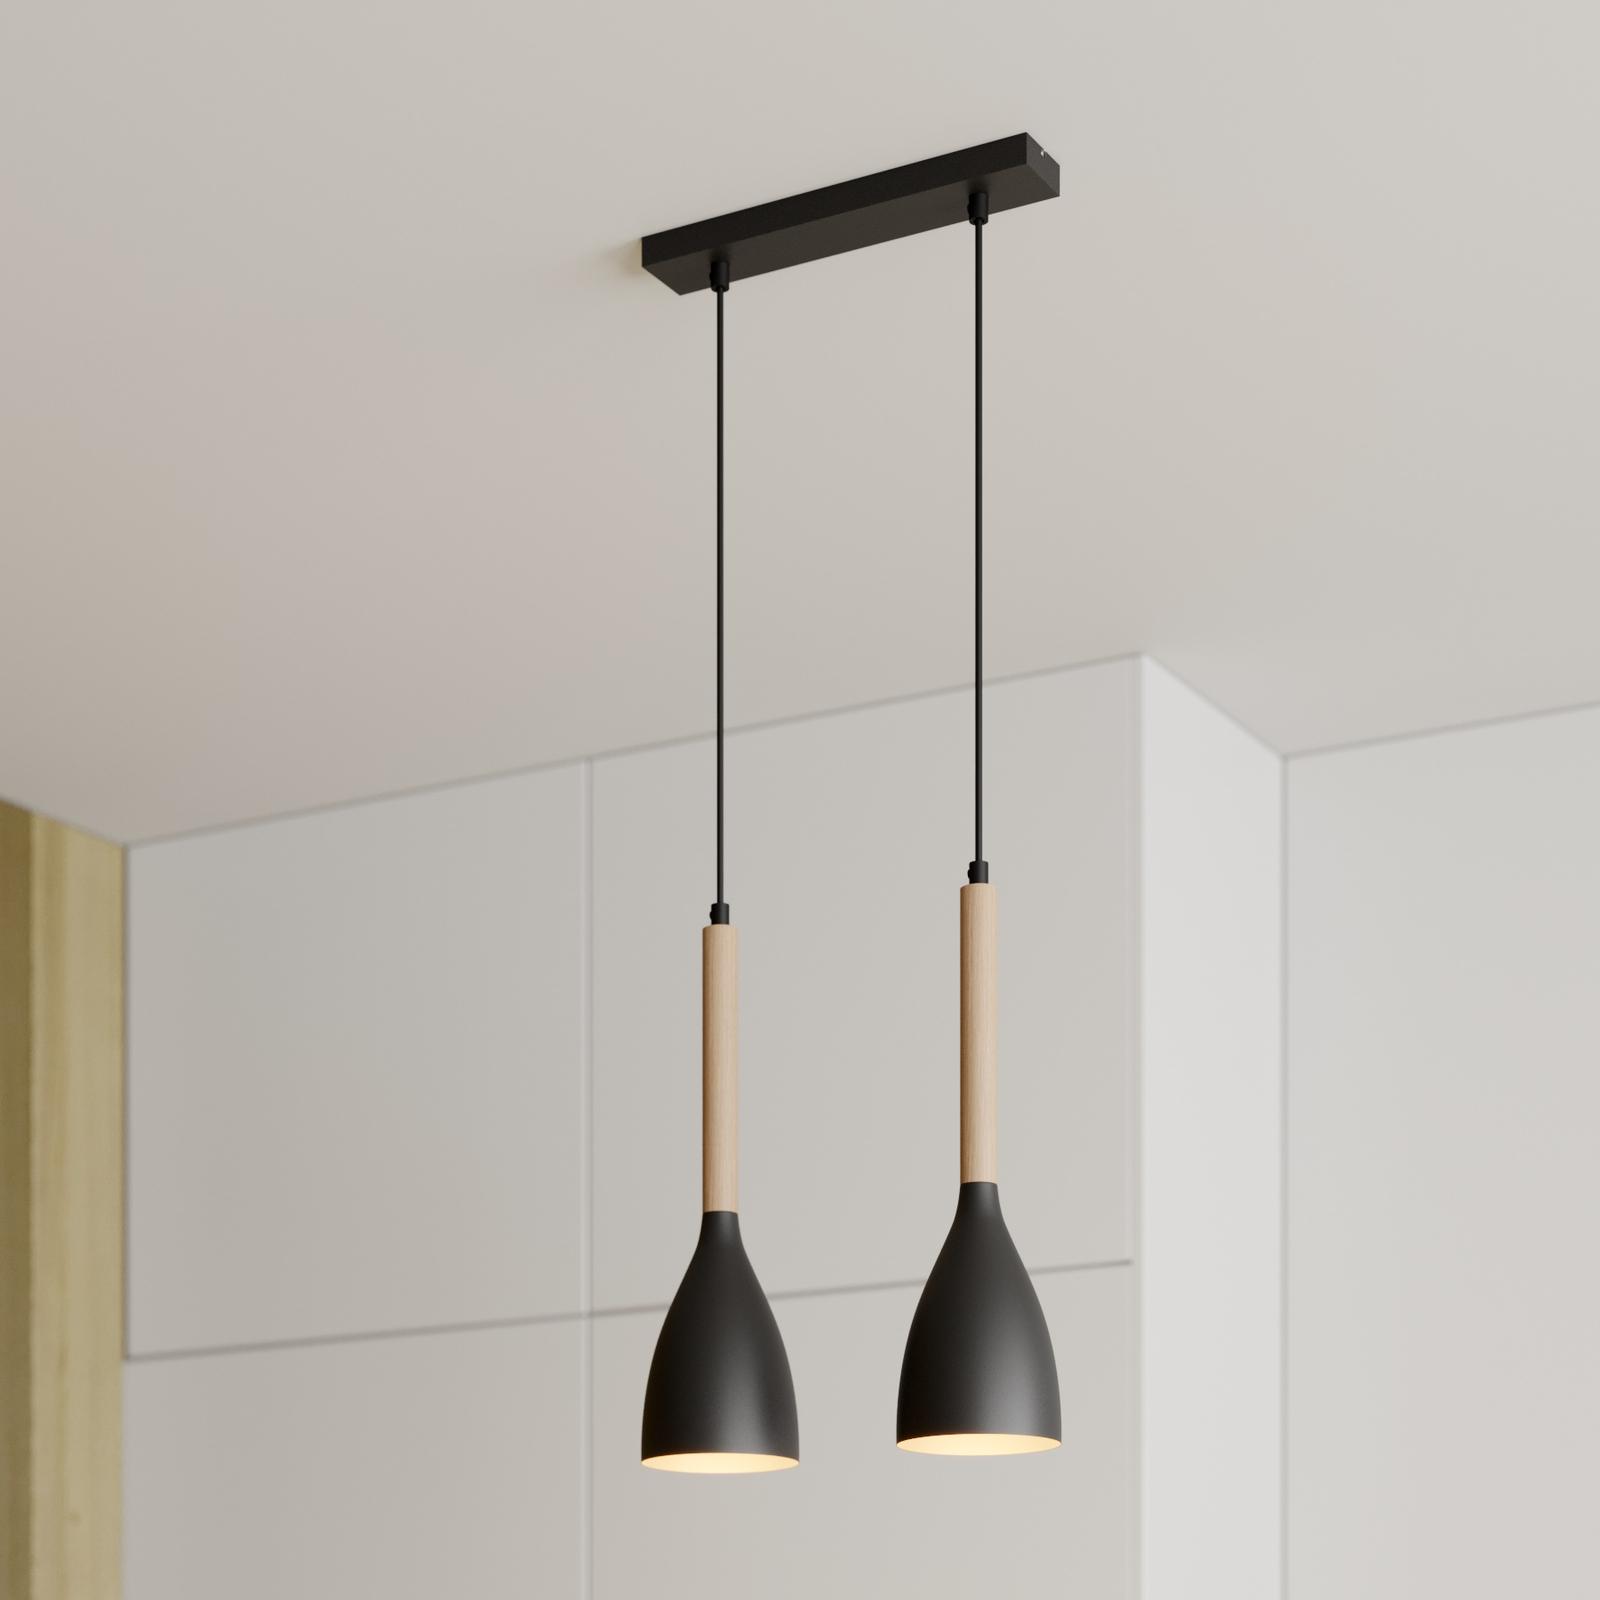 Riippuvalaisin Muza, 2-lamppuinen, musta/kulta